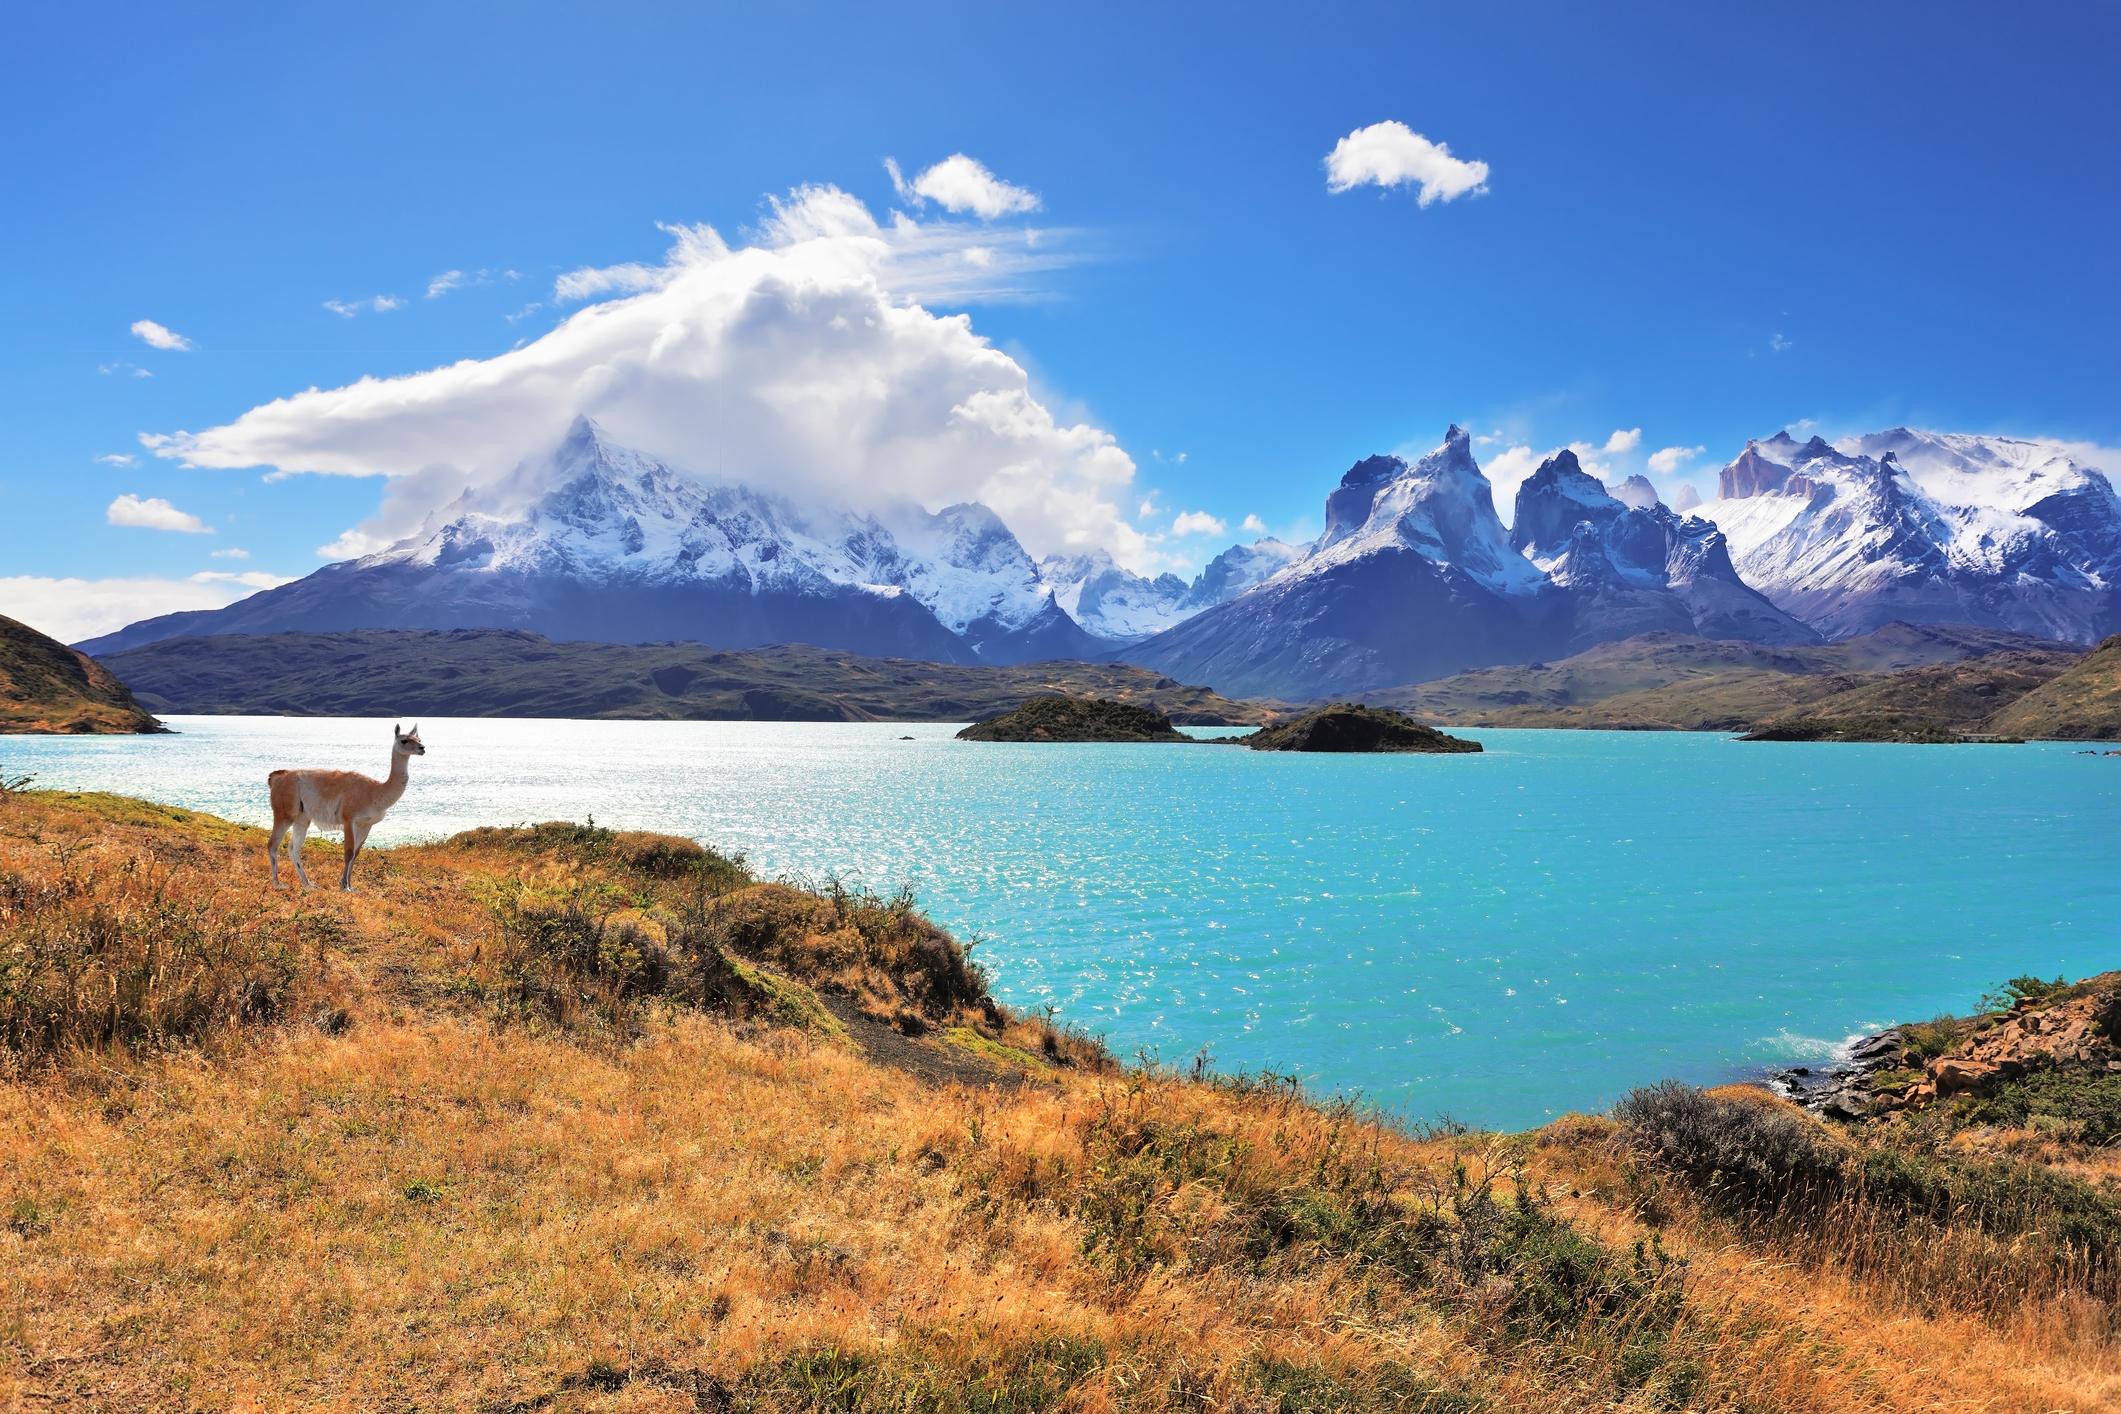 O planeta está cheio de lugares lindos e estes são dos que mais vale a pena visitar